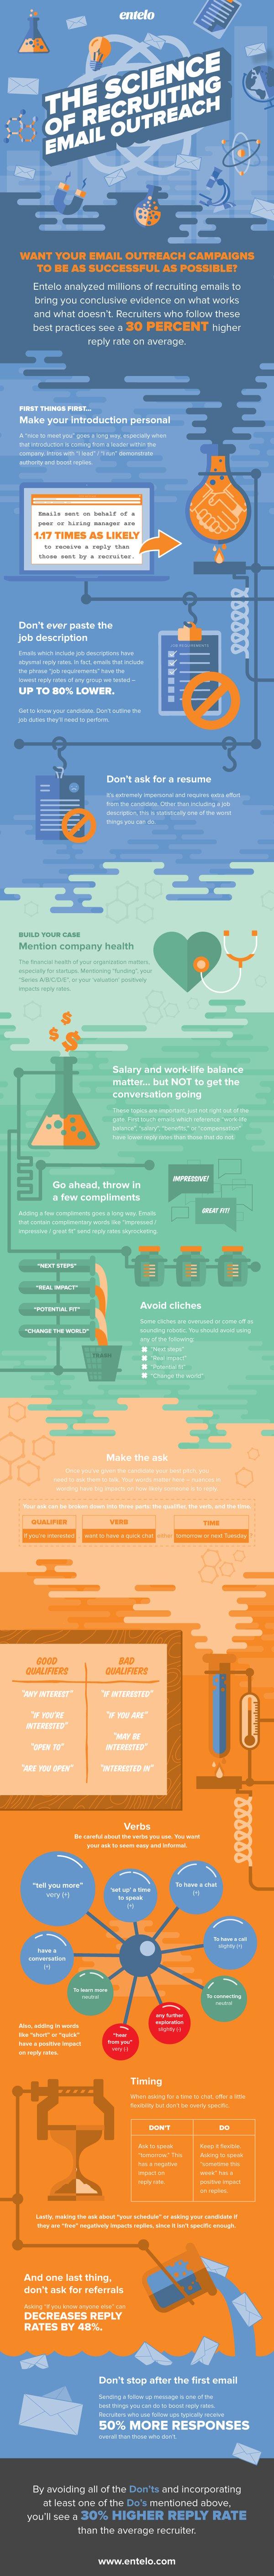 outreach-infographic-v5